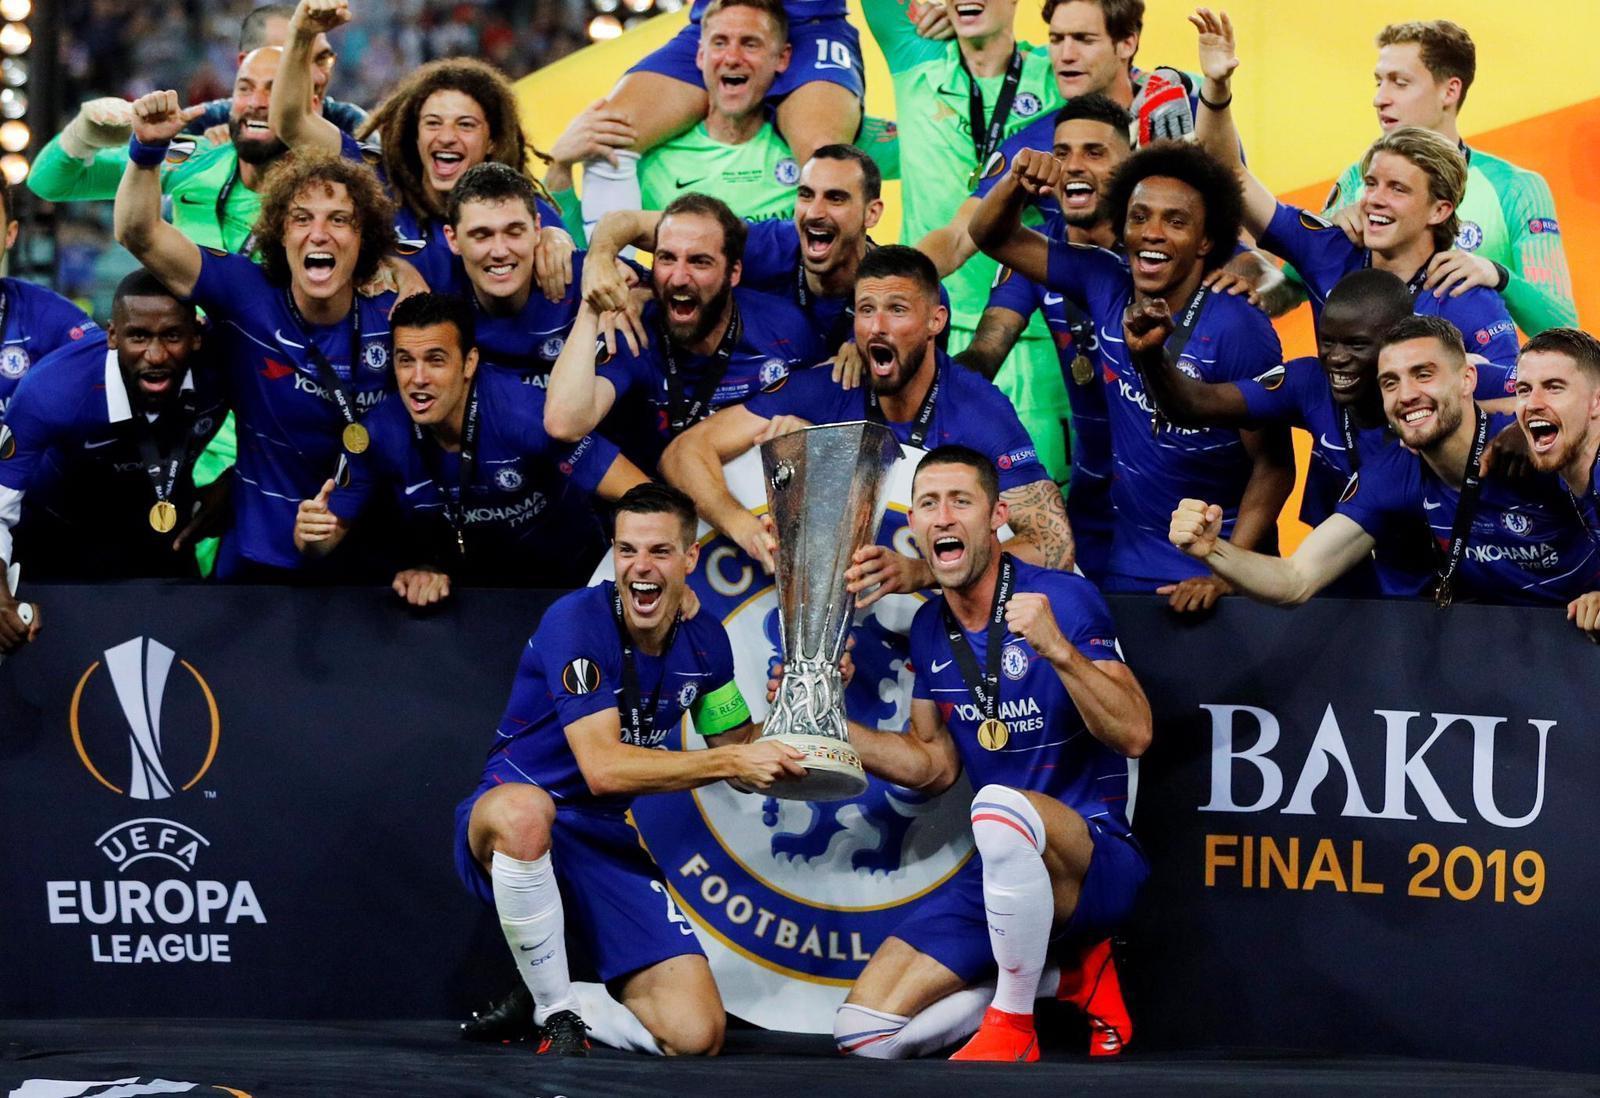 Equipe do Chelsea em 2018 comemorando o título - História da Liga Europa